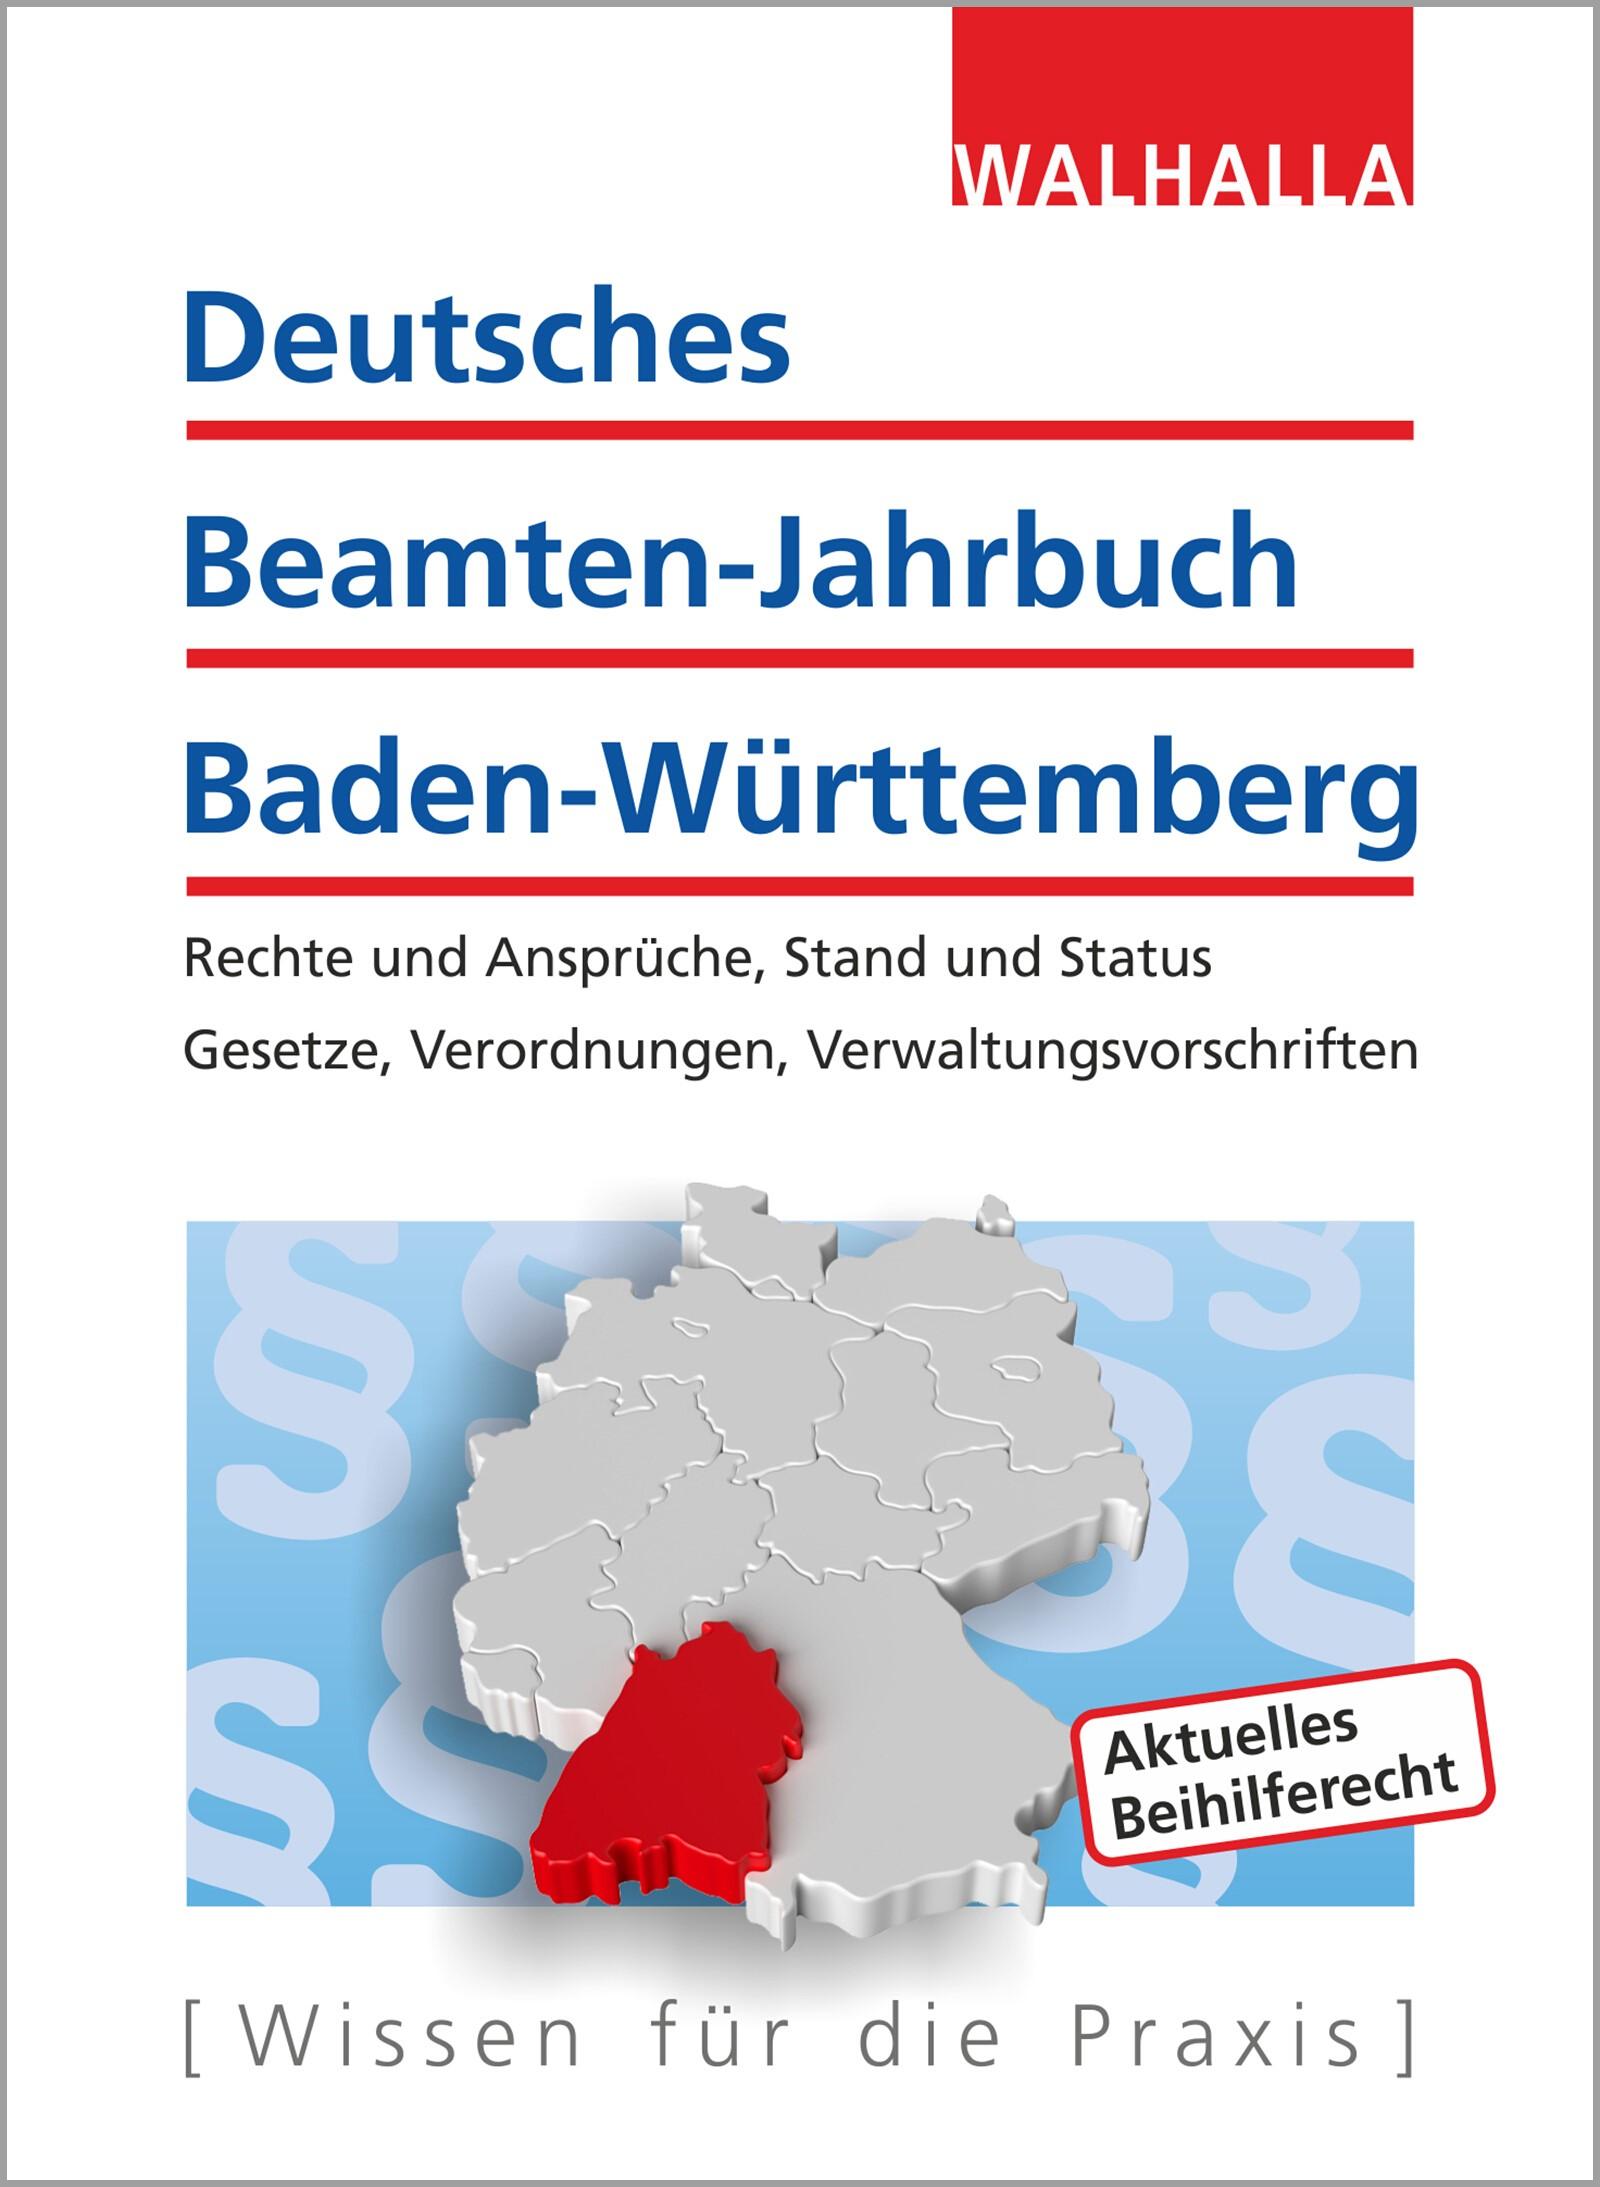 Deutsches Beamten-Jahrbuch Baden-Württemberg Jahresband 2017 | Walhalla Fachredaktion | 8. Auflage, 2017 | Buch (Cover)